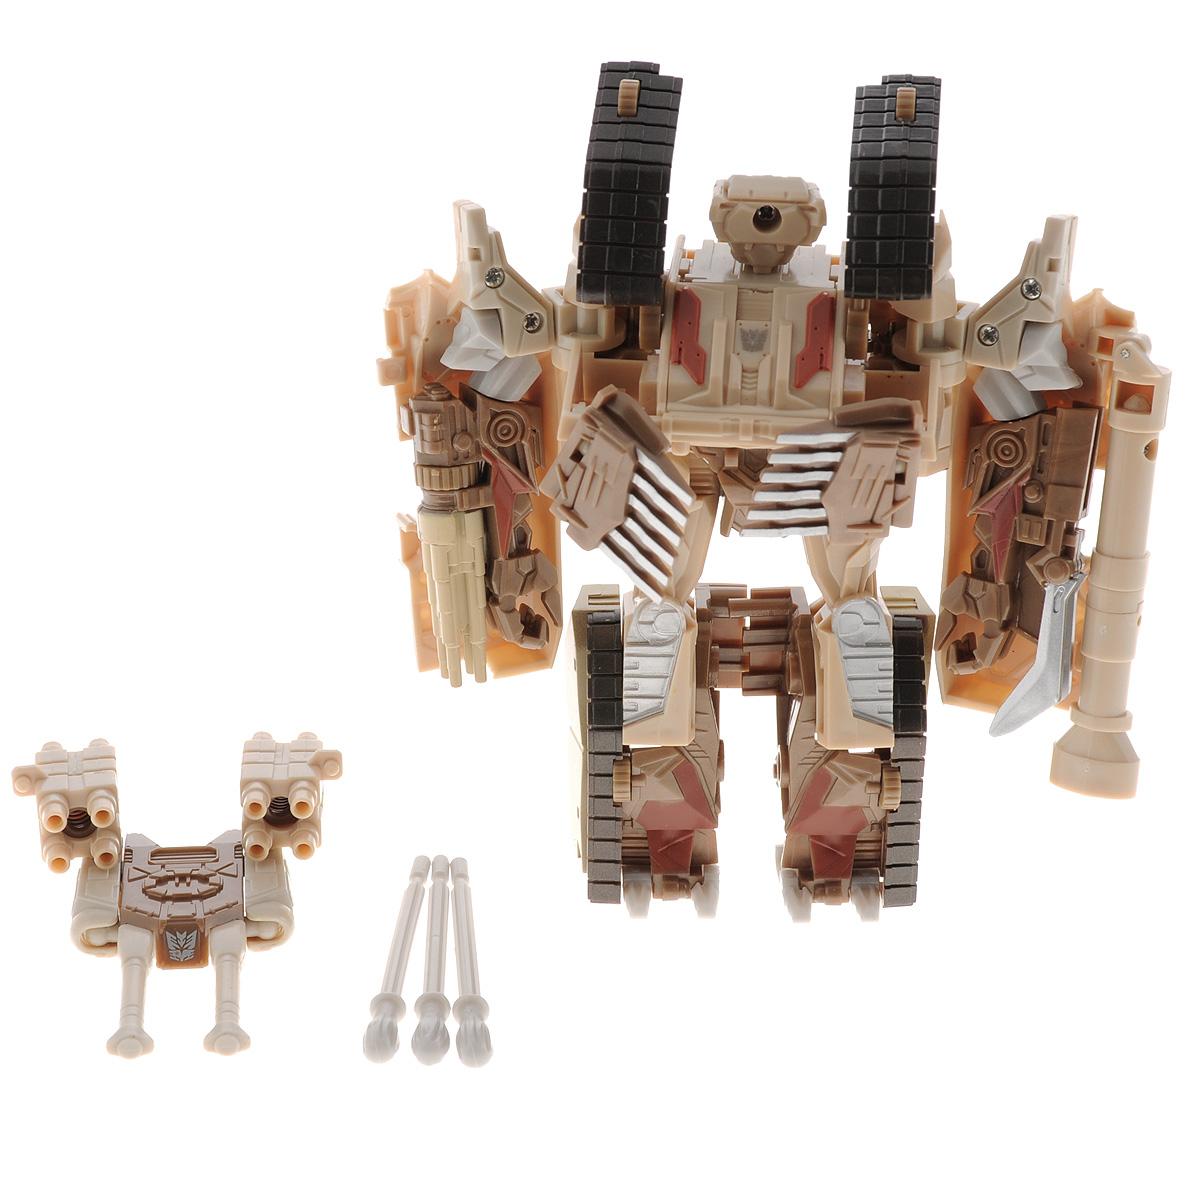 Игрушка-трансформер Праймбот. 8097B951-H21048Робот Праймбот - это робот-трансформер, который не оставит равнодушным ни одного мальчишку, который увлекается трансформерами. Игрушка с легкостью из робота трансформируется в боевой танк и наоборот. Игрушка оснащена пушкой и специальными зарядами. Выстрелы осуществляются при помощи пружинного механизма. Играя с роботом, ребенок развивает мелкую моторику, образное мышление, воображение. Ребенок сможет придумать и разыграть множество различных игровых сюжетов. Чтобы играть было веселее и в компании друзей, можно собрать полную коллекцию роботов-трансформеров.